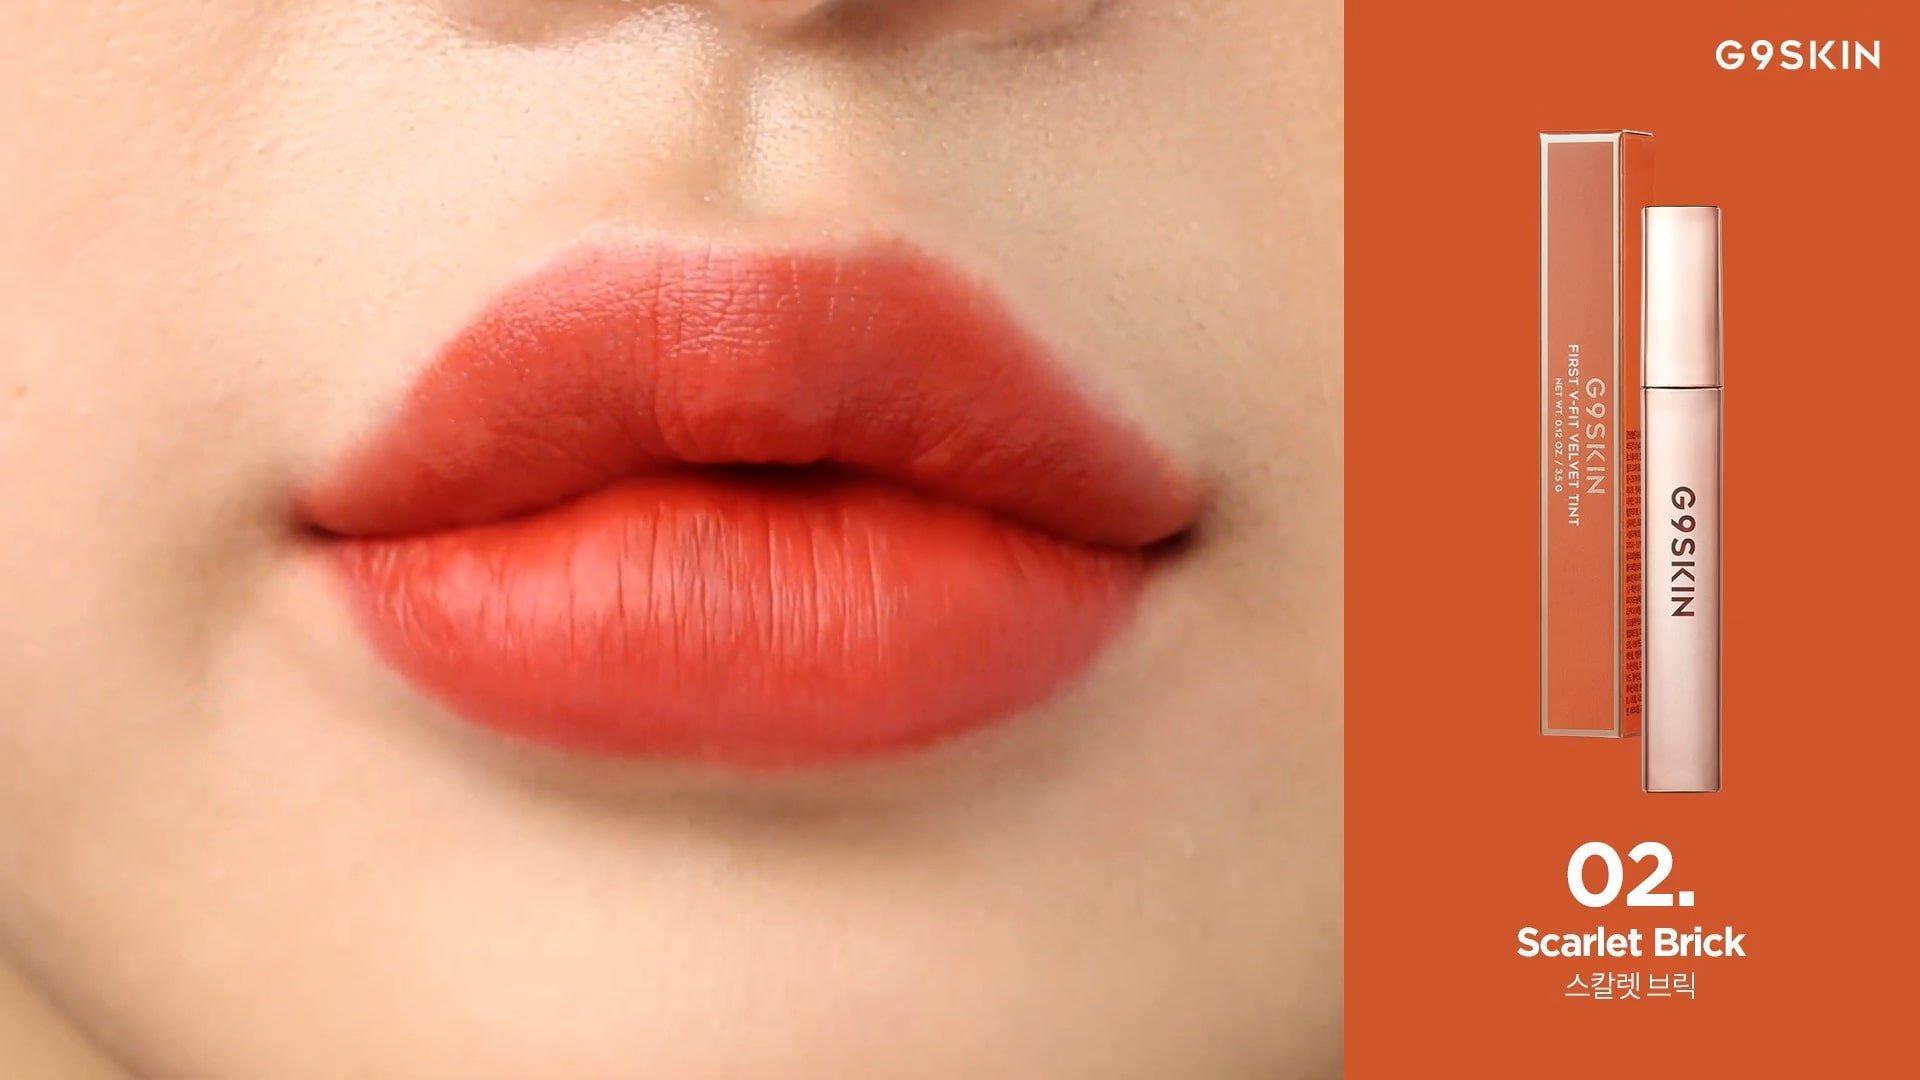 Sắc cam gạch thời thượng phù hợp với mọi phong cách make-up. (nguồn: Internet)